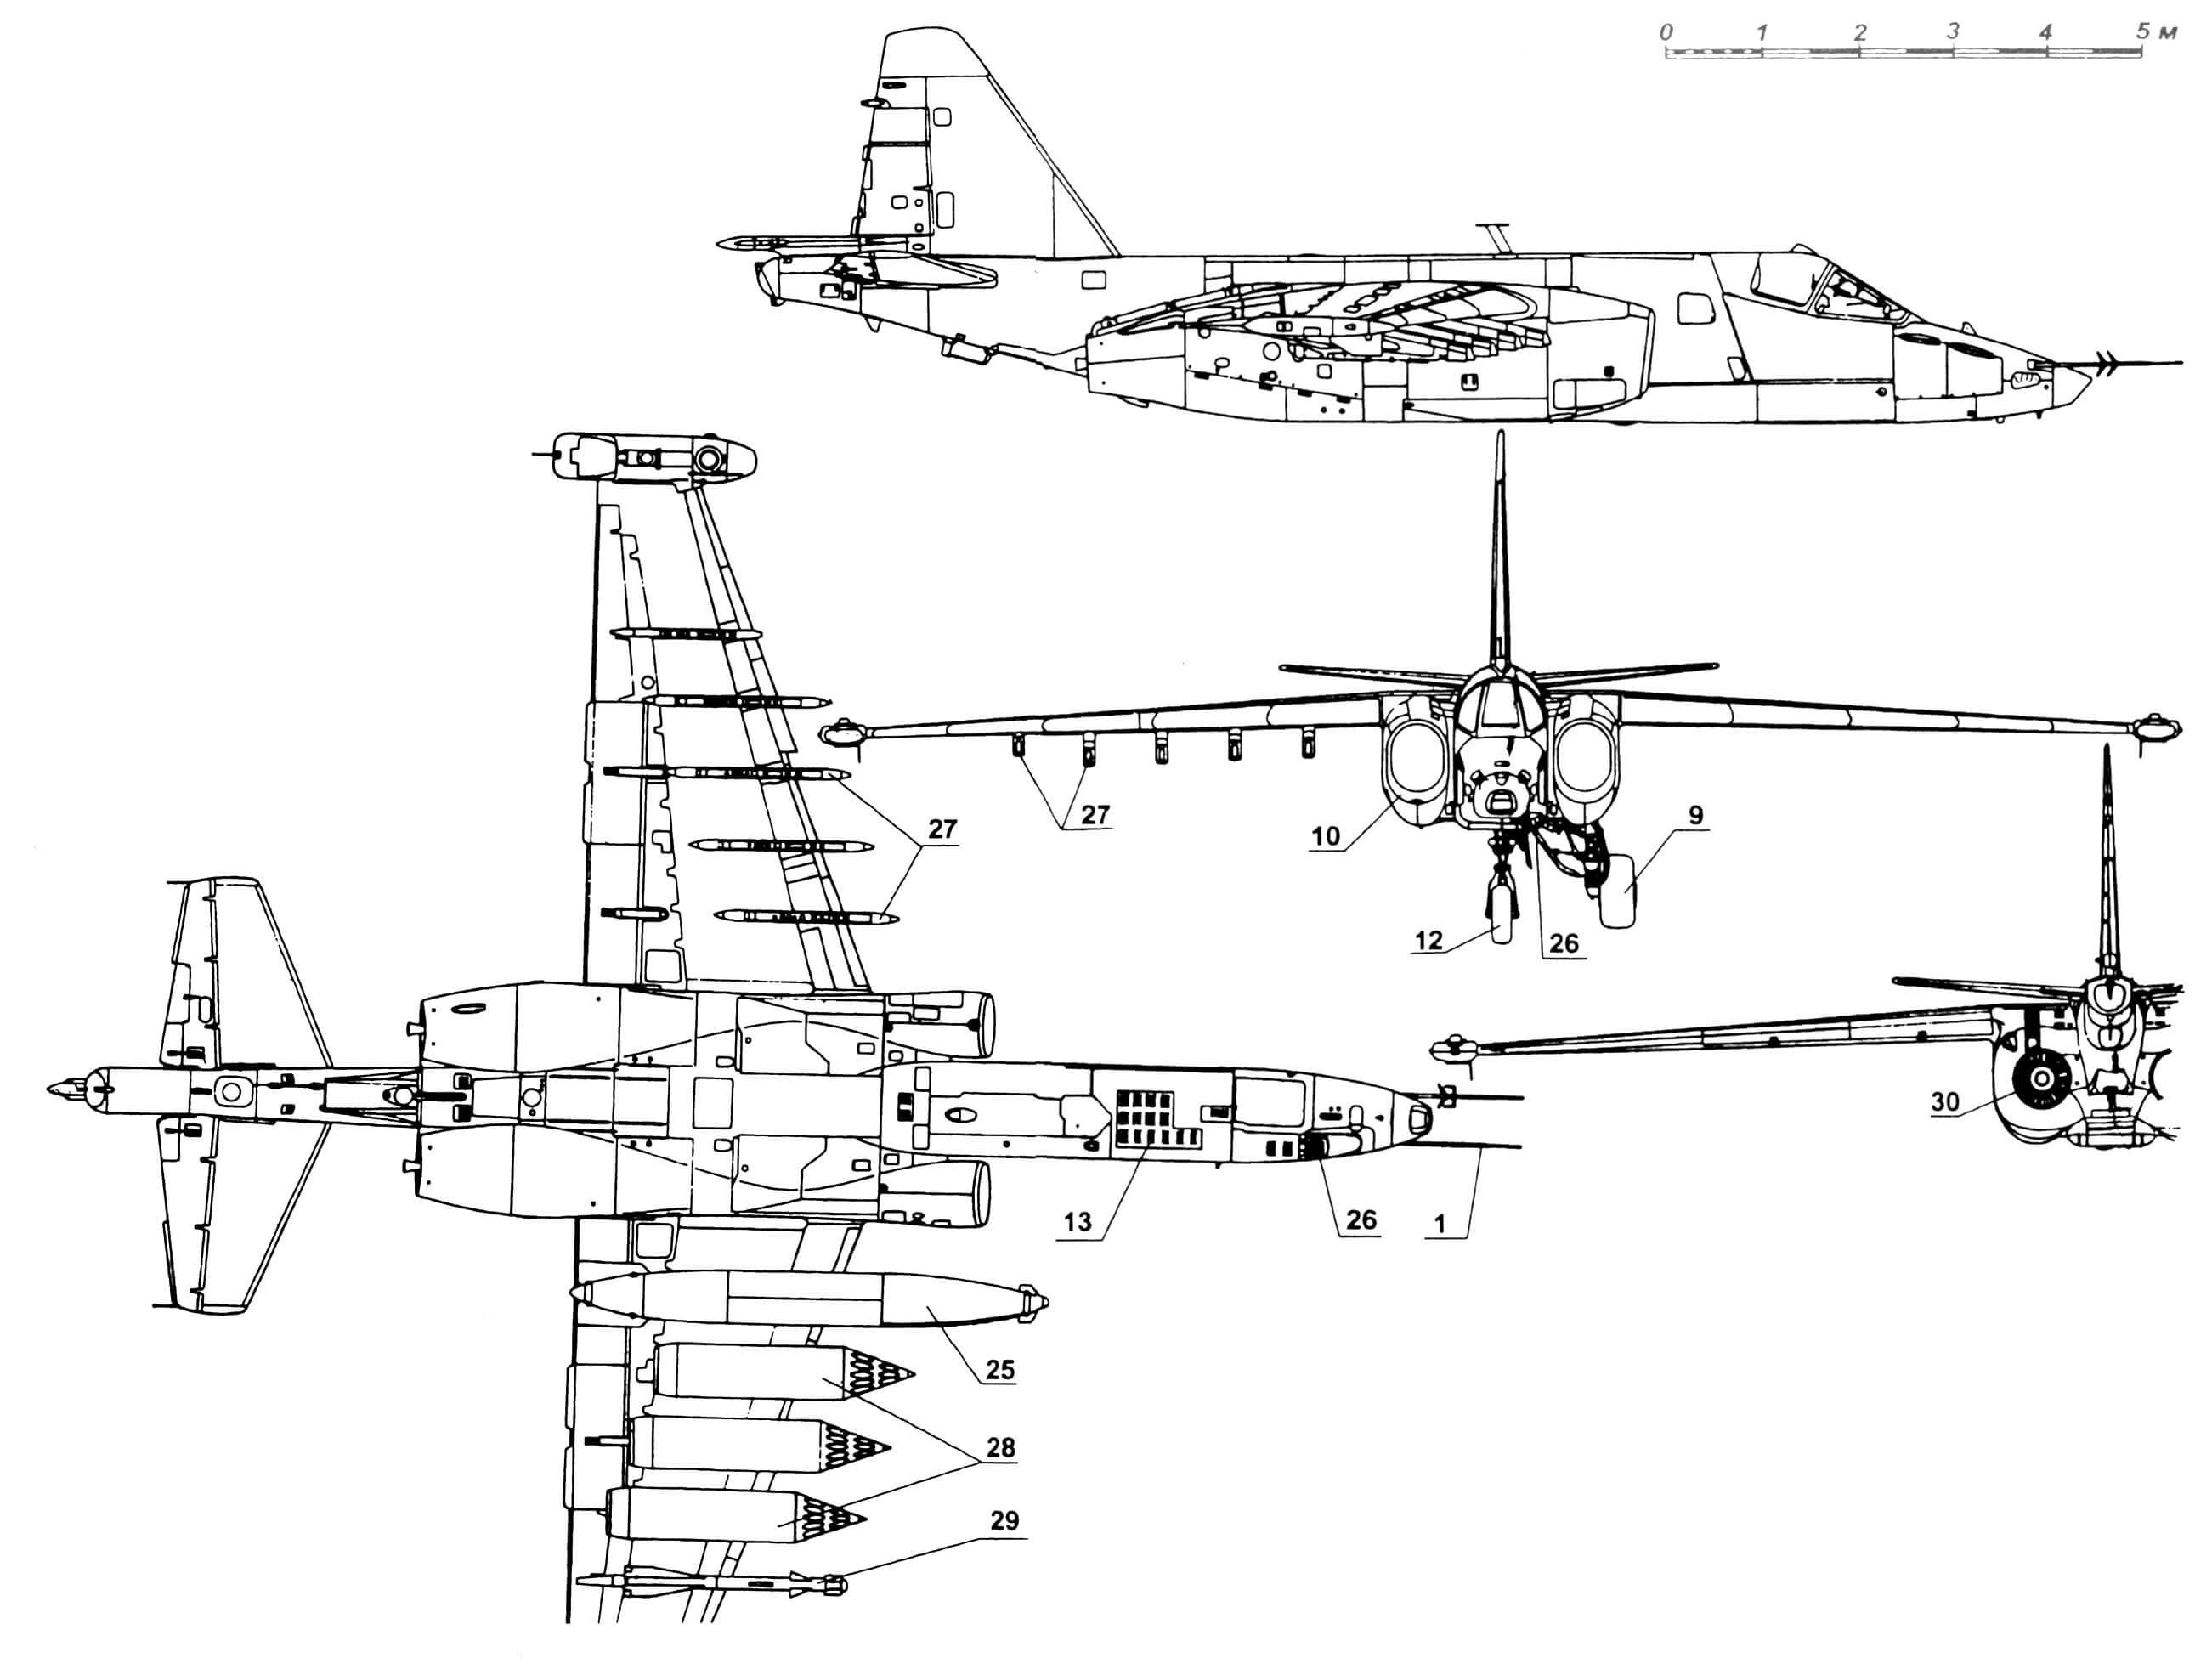 Штурмовик Су-25: 1 — приемники воздушного давления; 2 — фонарь кабины; 3 — антенна УКВ; 4 — антенна УКВ, килевая; 5 — руль направления; 6 — антенна системы оповещения радиолокационного облучения «Сирена-3»; 7 — контейнер тормозного парашюта; 8 — антенна КВ-радиостанции Р-828; 9 — колесо основной опоры; 10 — воздухозаборники двигателей; 11 — лестница откидная; 12 — колесо передней опоры; 13 — жалюзи отсека казенной части пушки; 14 — кинофотопулемет СШ-45; 15 — перископ; 16 — горловина заправочная; 17—лючки быстросъемные; 18 — предкрылок; 19 — обтекатель антенны системы радиопротиводействия; 20 — гондола с тормозными щитками; 21 — элерон; 22 — секции двущелевого закрылка; 23 — кассеты с ИК-ловушками АСО-2И; 24 — руль высоты; 25 — бак подвесной топливный ПТБ-800; 26 — пушка; 27 — держатели балочные БД-3; 28 — блоки НУРС Б-8 с ракетами С-8; 29 — ракета класса «воздух — воздух» Р-60; 30 — сопло двигателя.